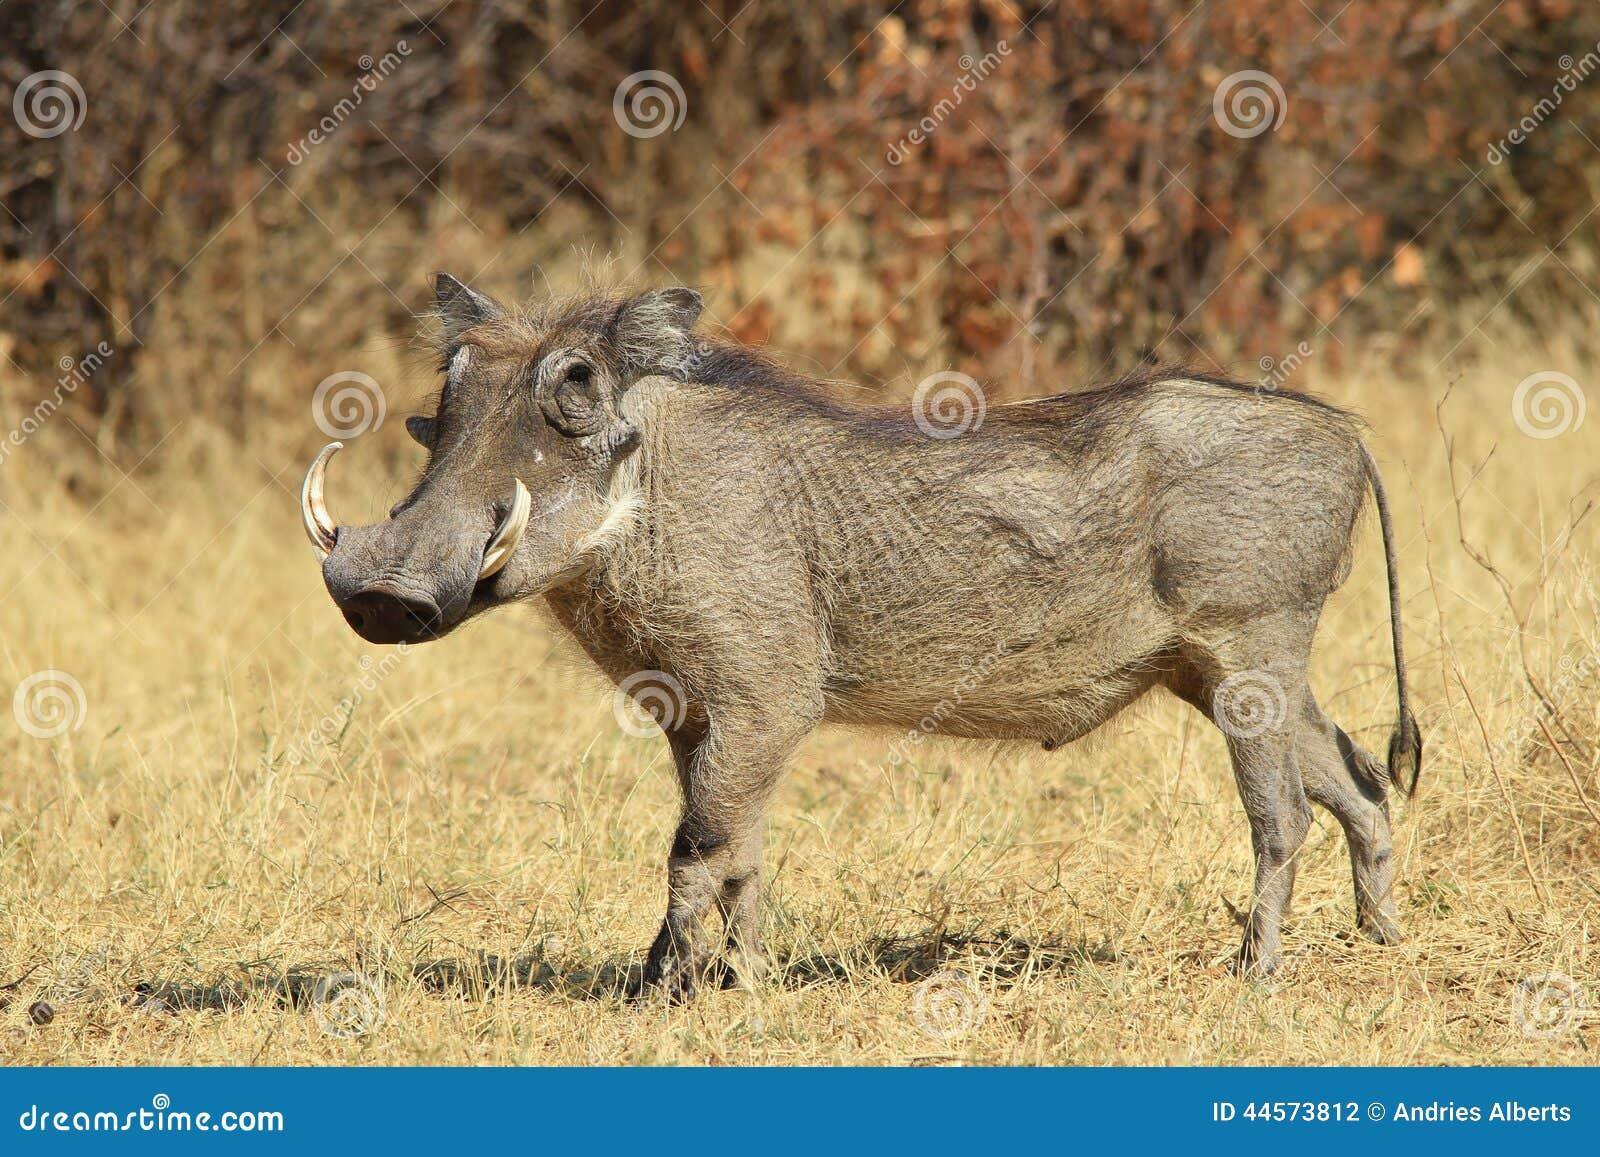 Warthog - африканская предпосылка живой природы - представлять гордость и силу